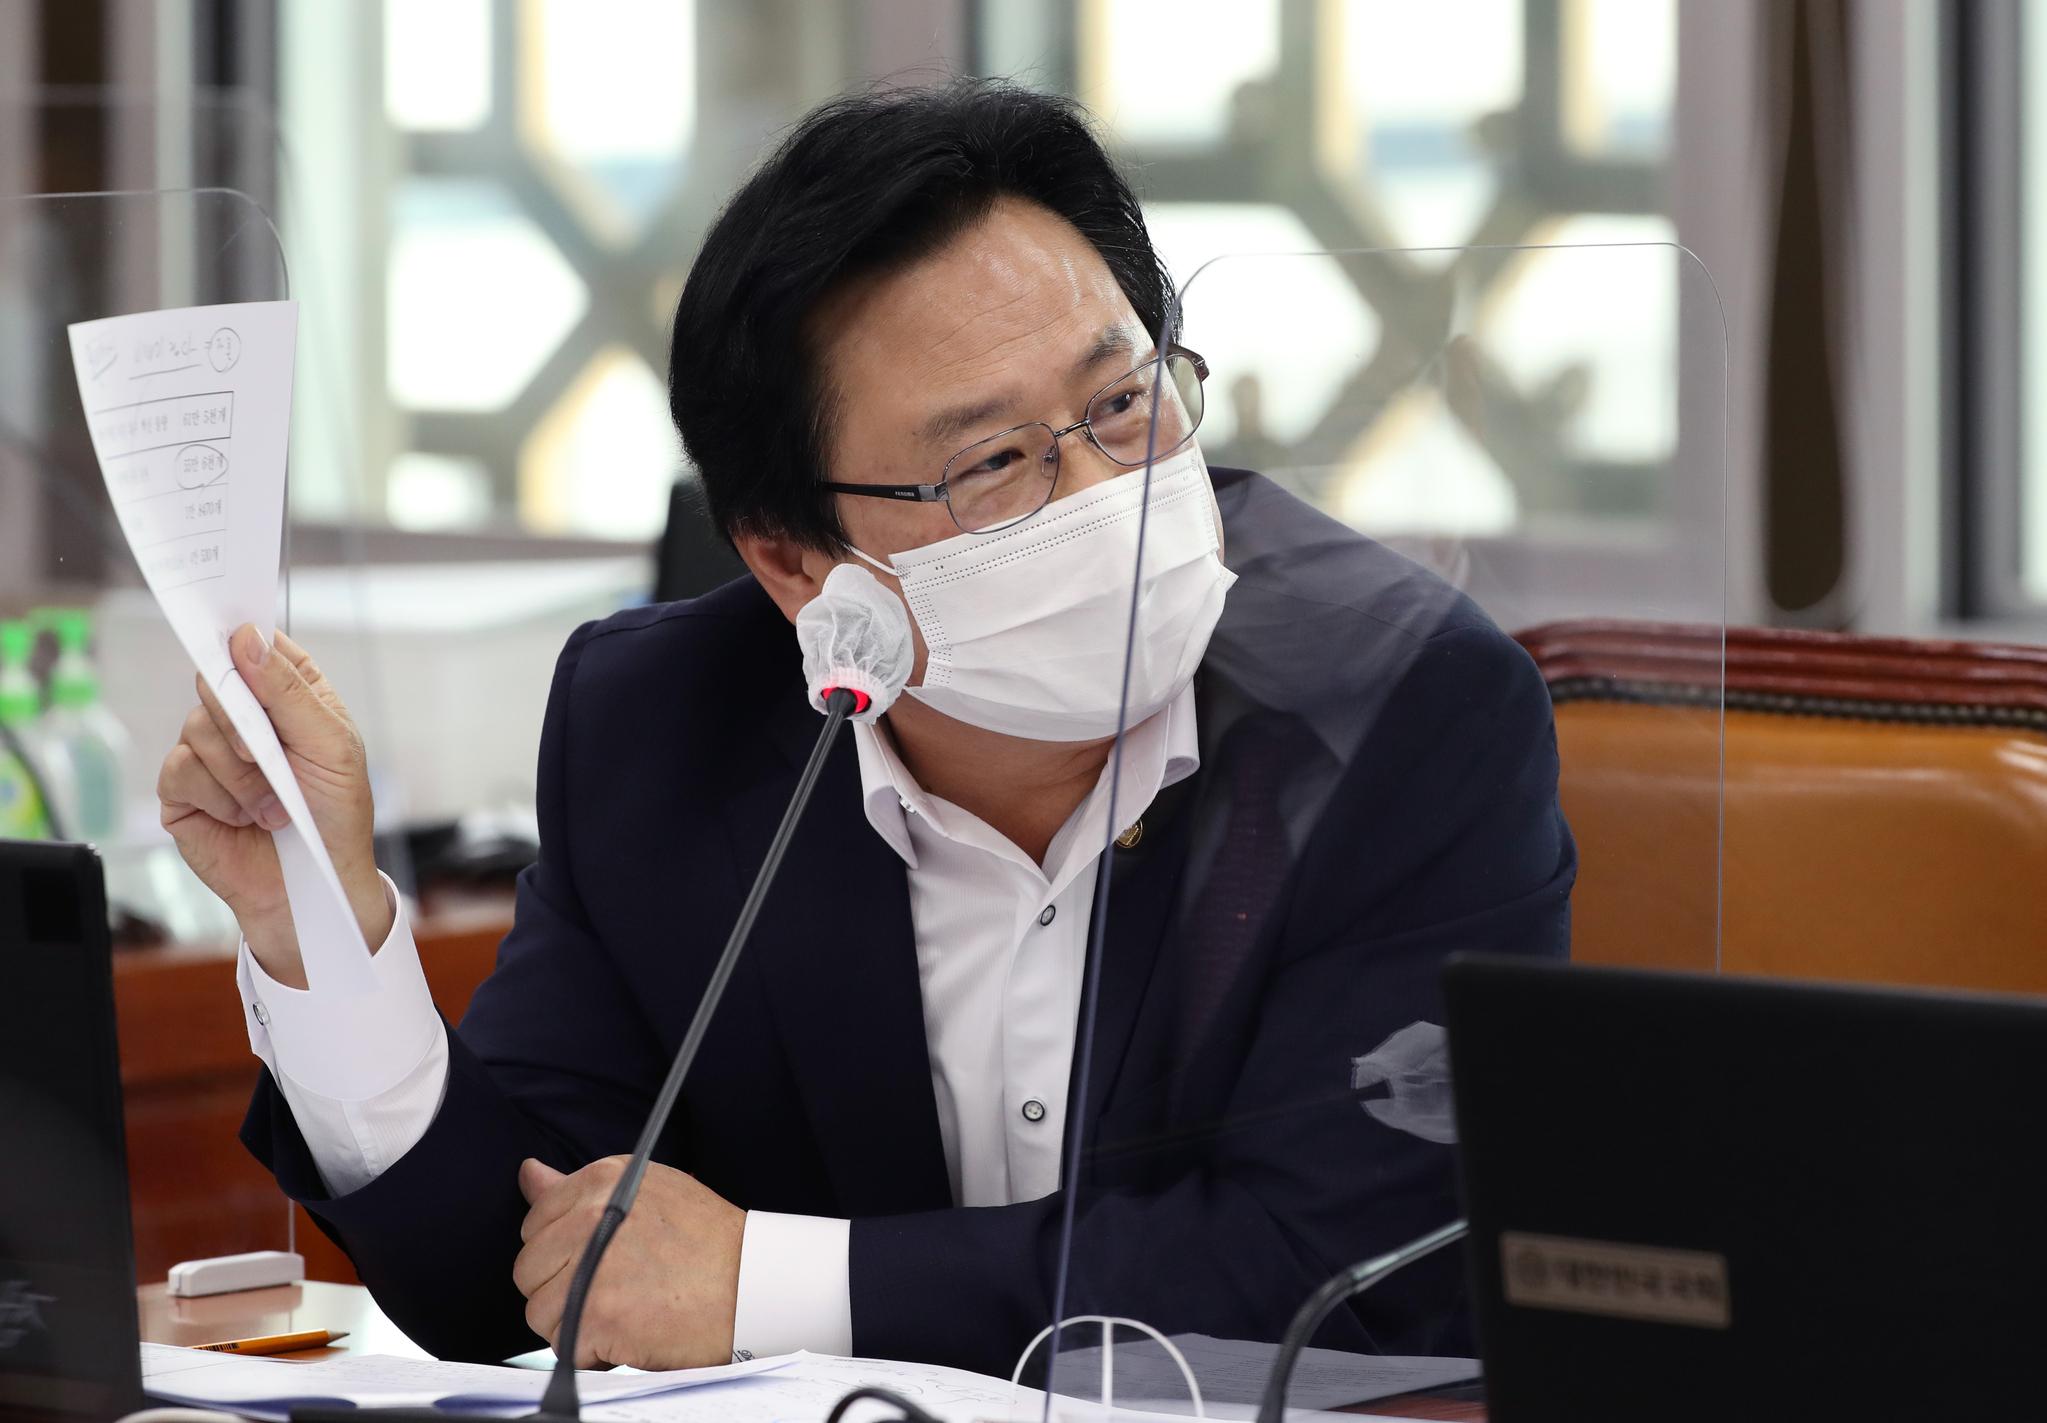 국민의힘 강기윤 의원이 13일 국회 보건복지위원회의 식품의약품안전처 등에 대한 국정감사에서 질의하고 있다. 연합뉴스